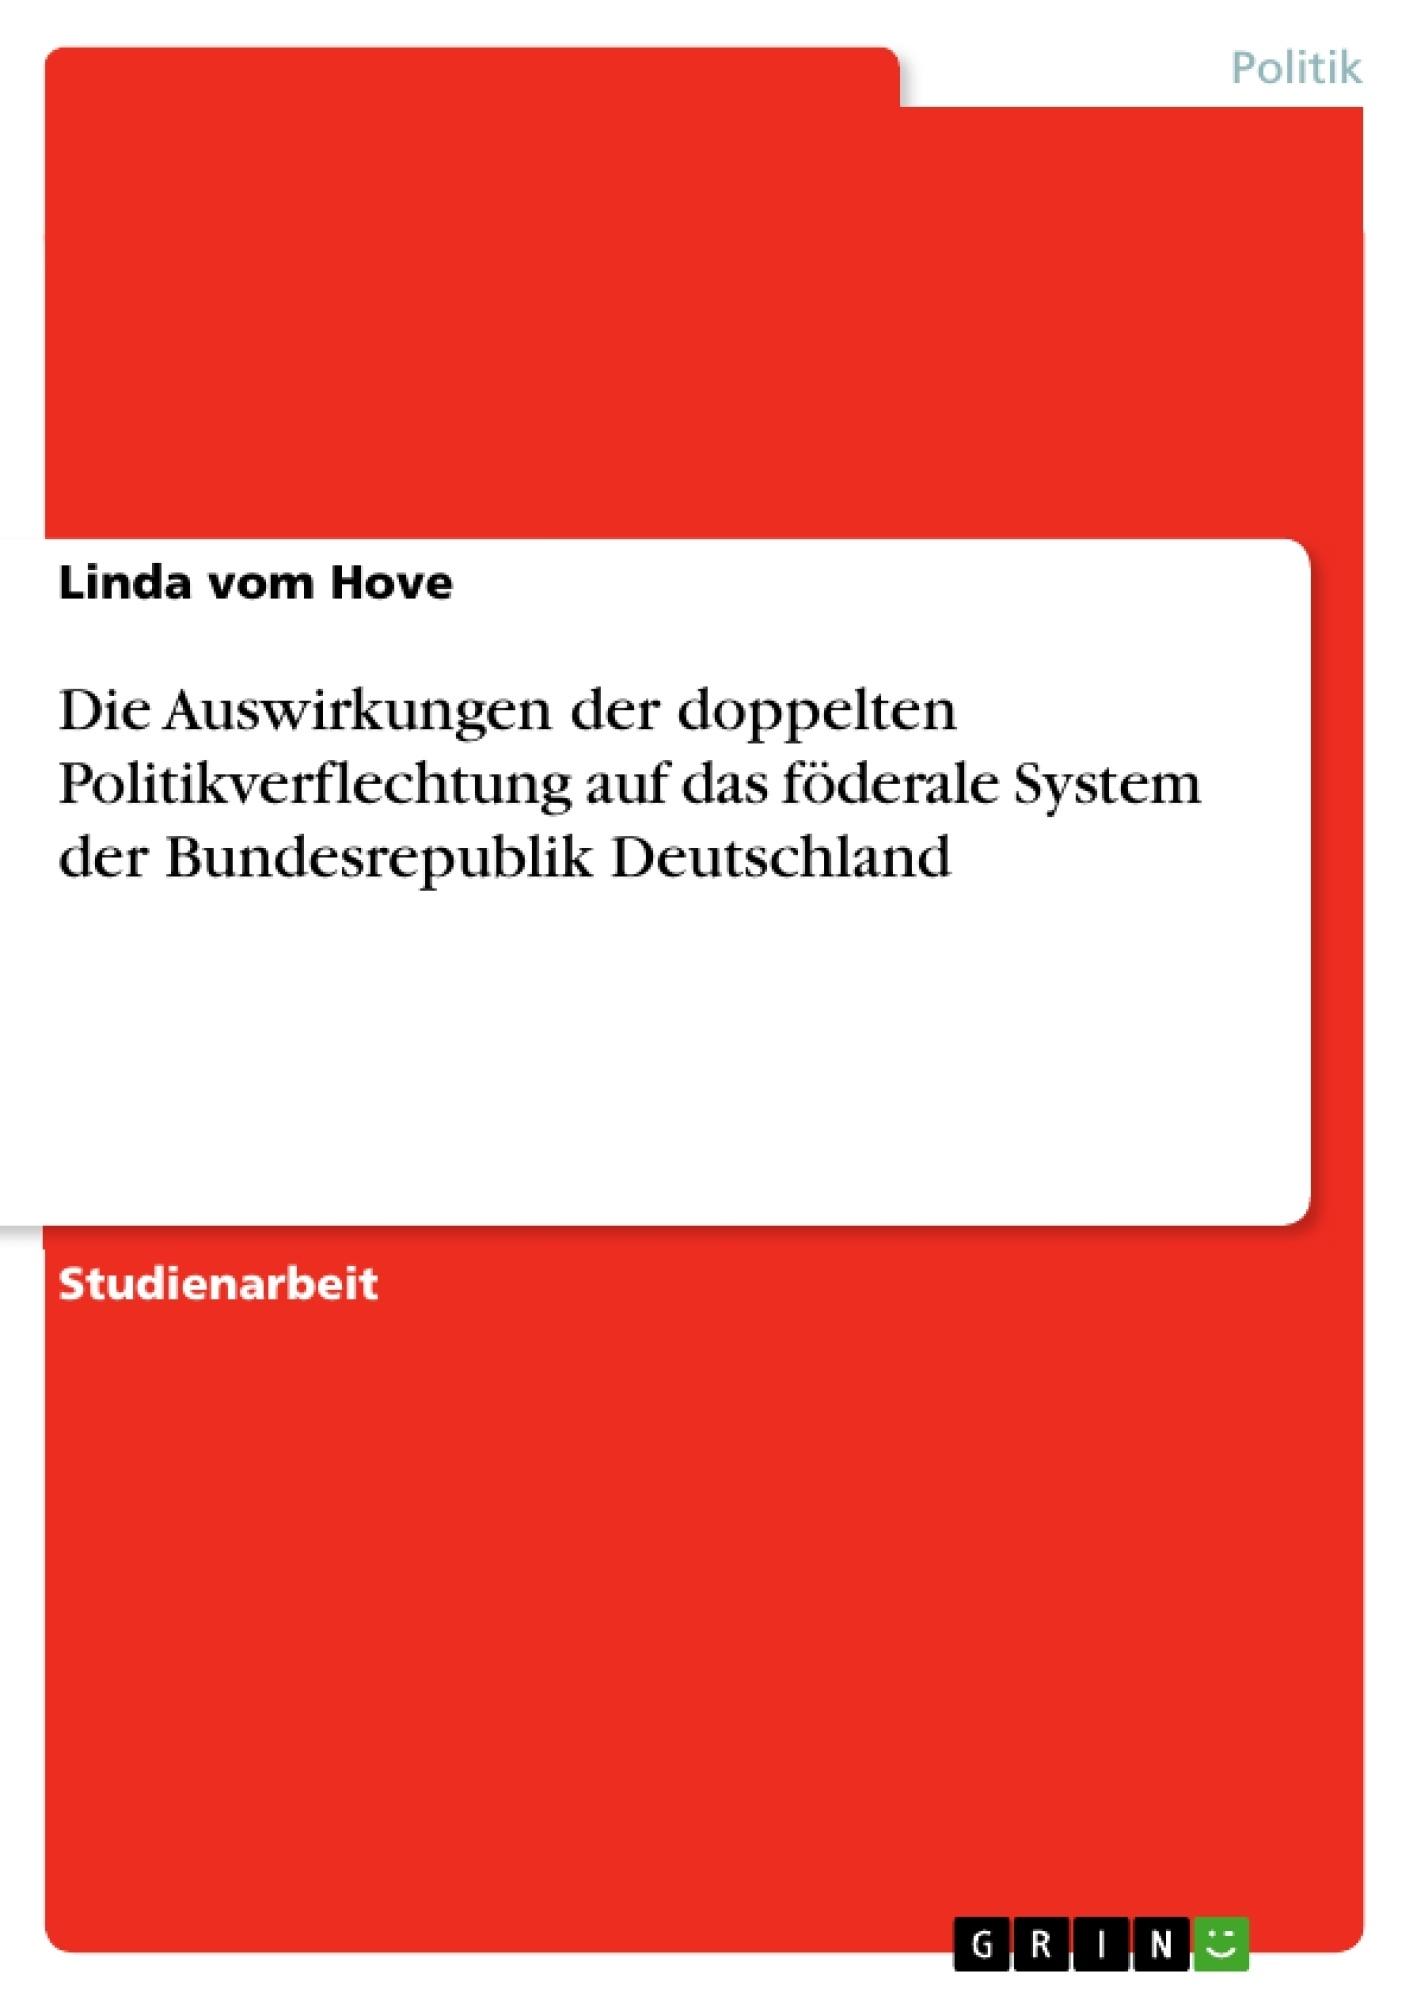 Titel: Die Auswirkungen der doppelten Politikverflechtung auf das föderale System der Bundesrepublik Deutschland